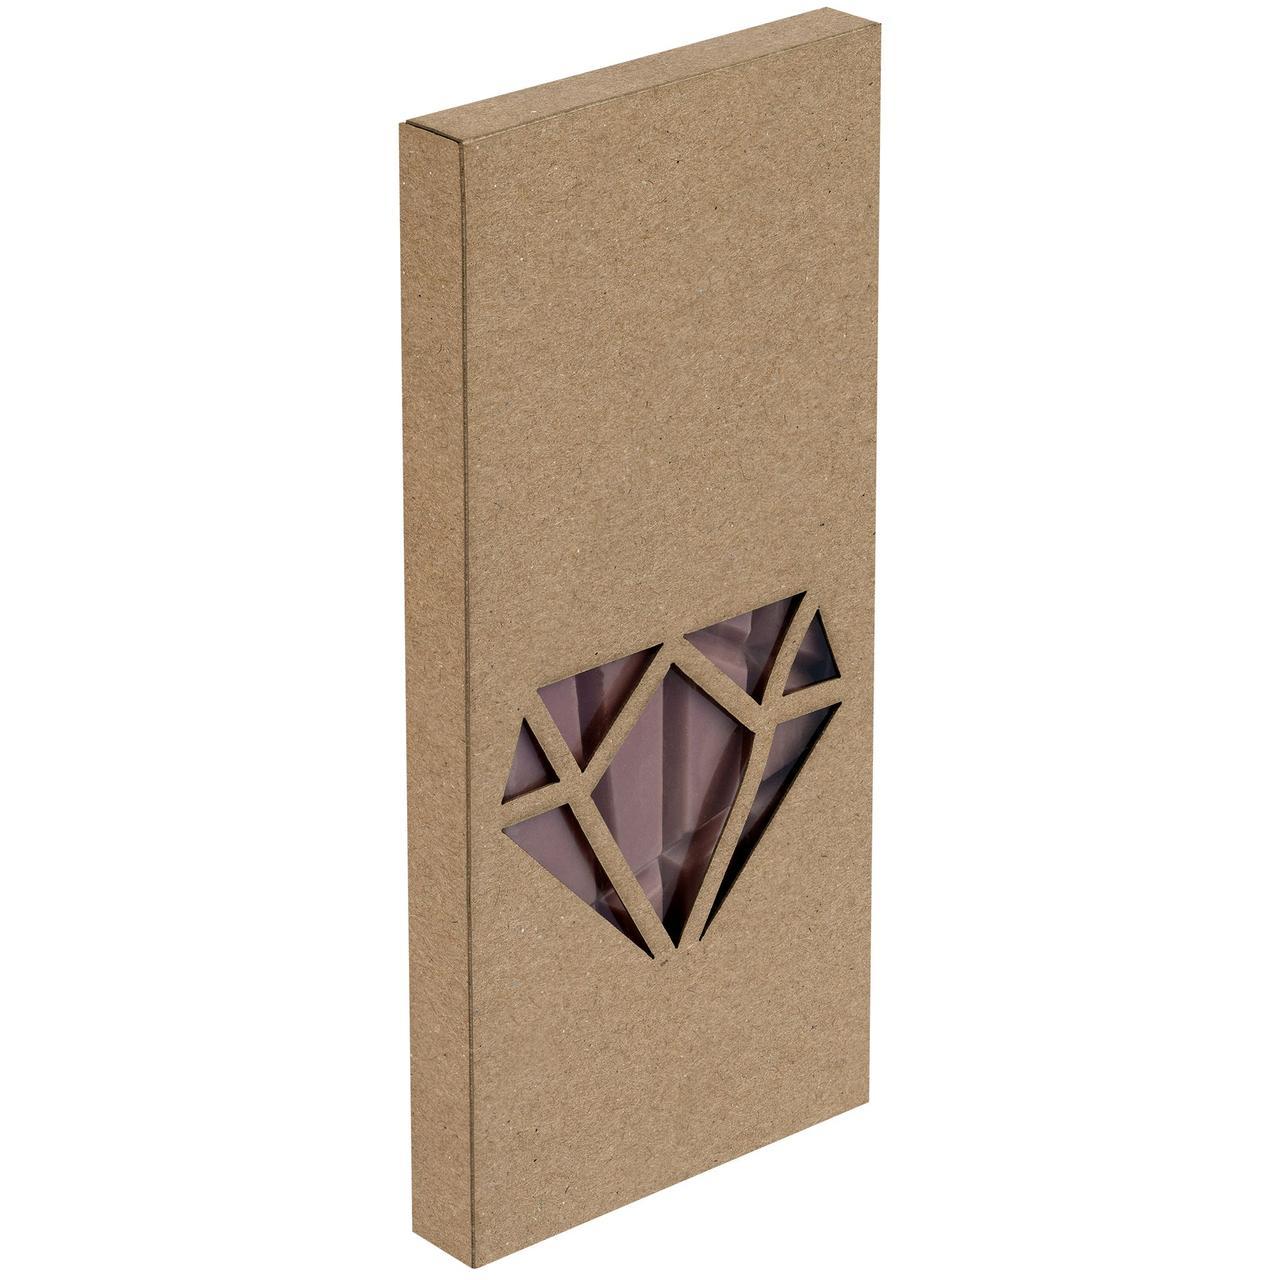 Шоколад Sweet Ruby, в крафтовой коробке (артикул 12727.00)